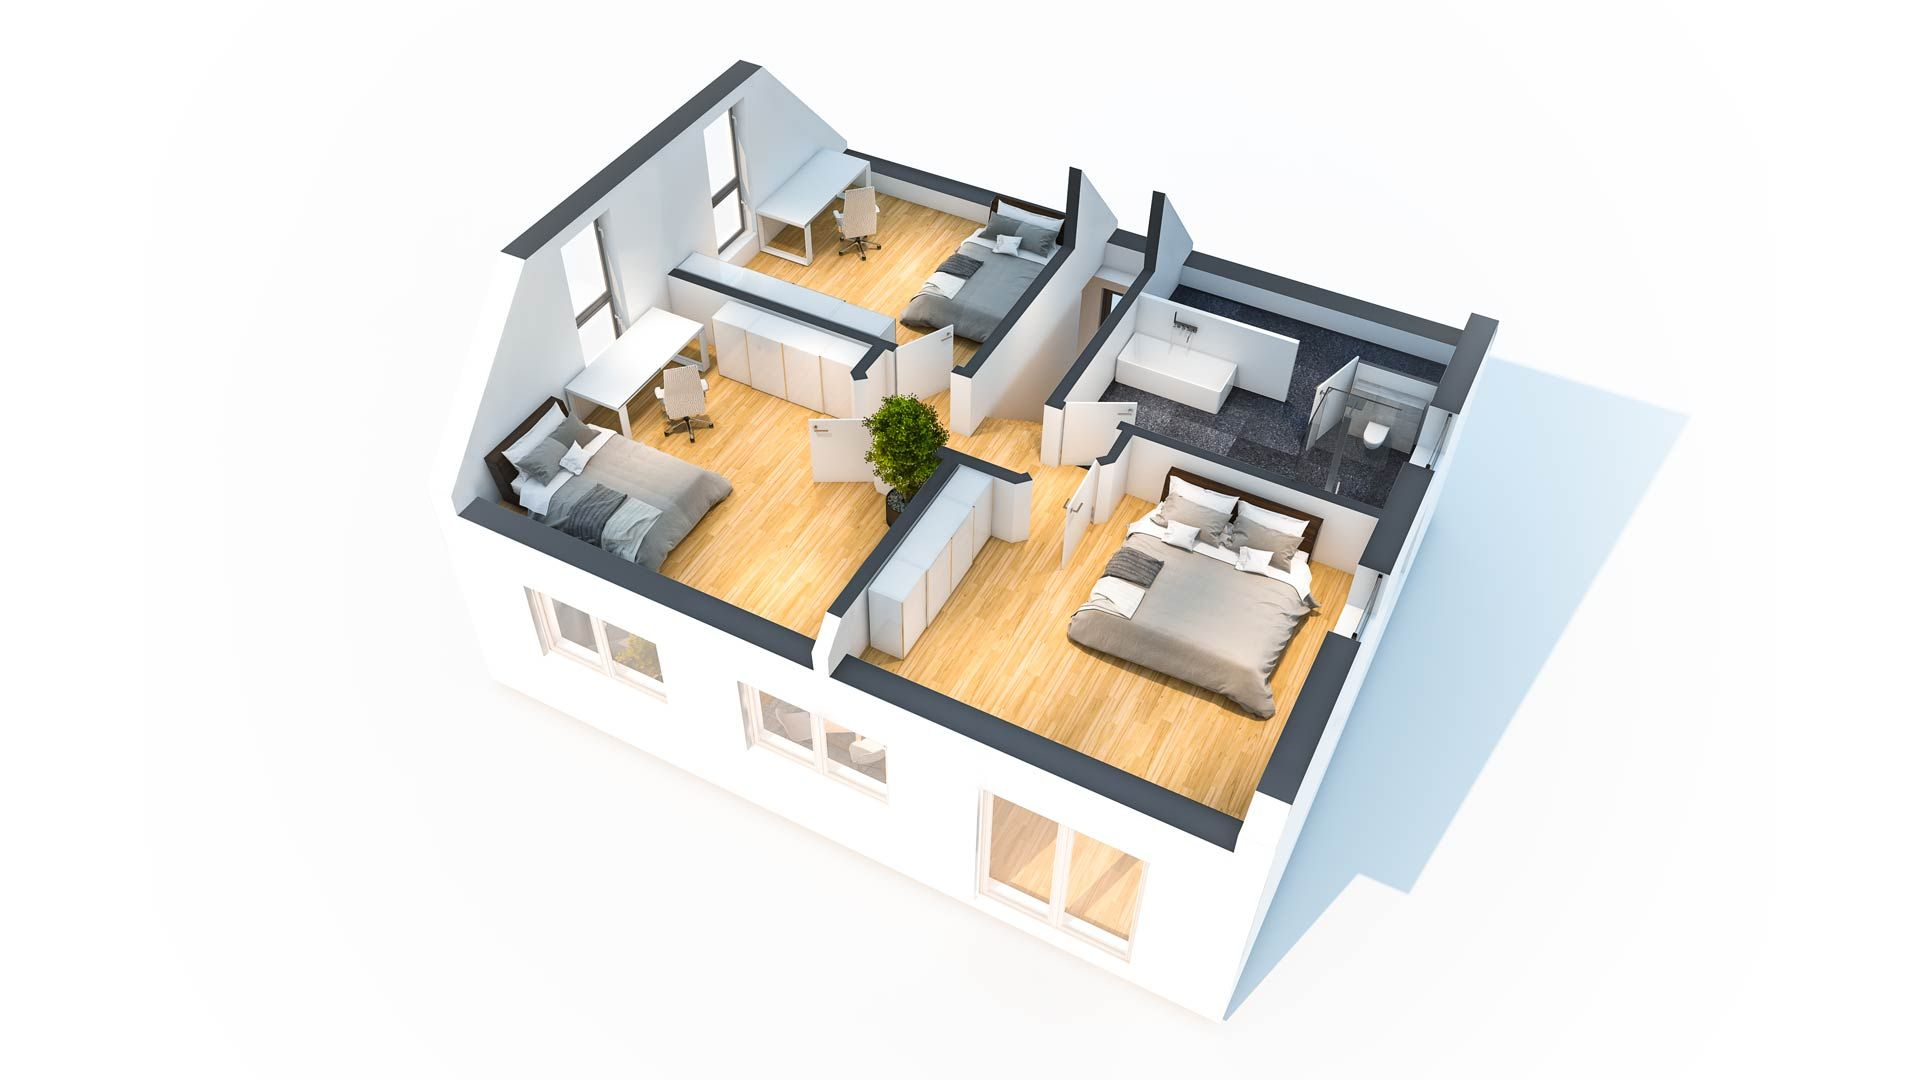 Hausidee Esche Grundriss, Einfamilienhaus, Haus